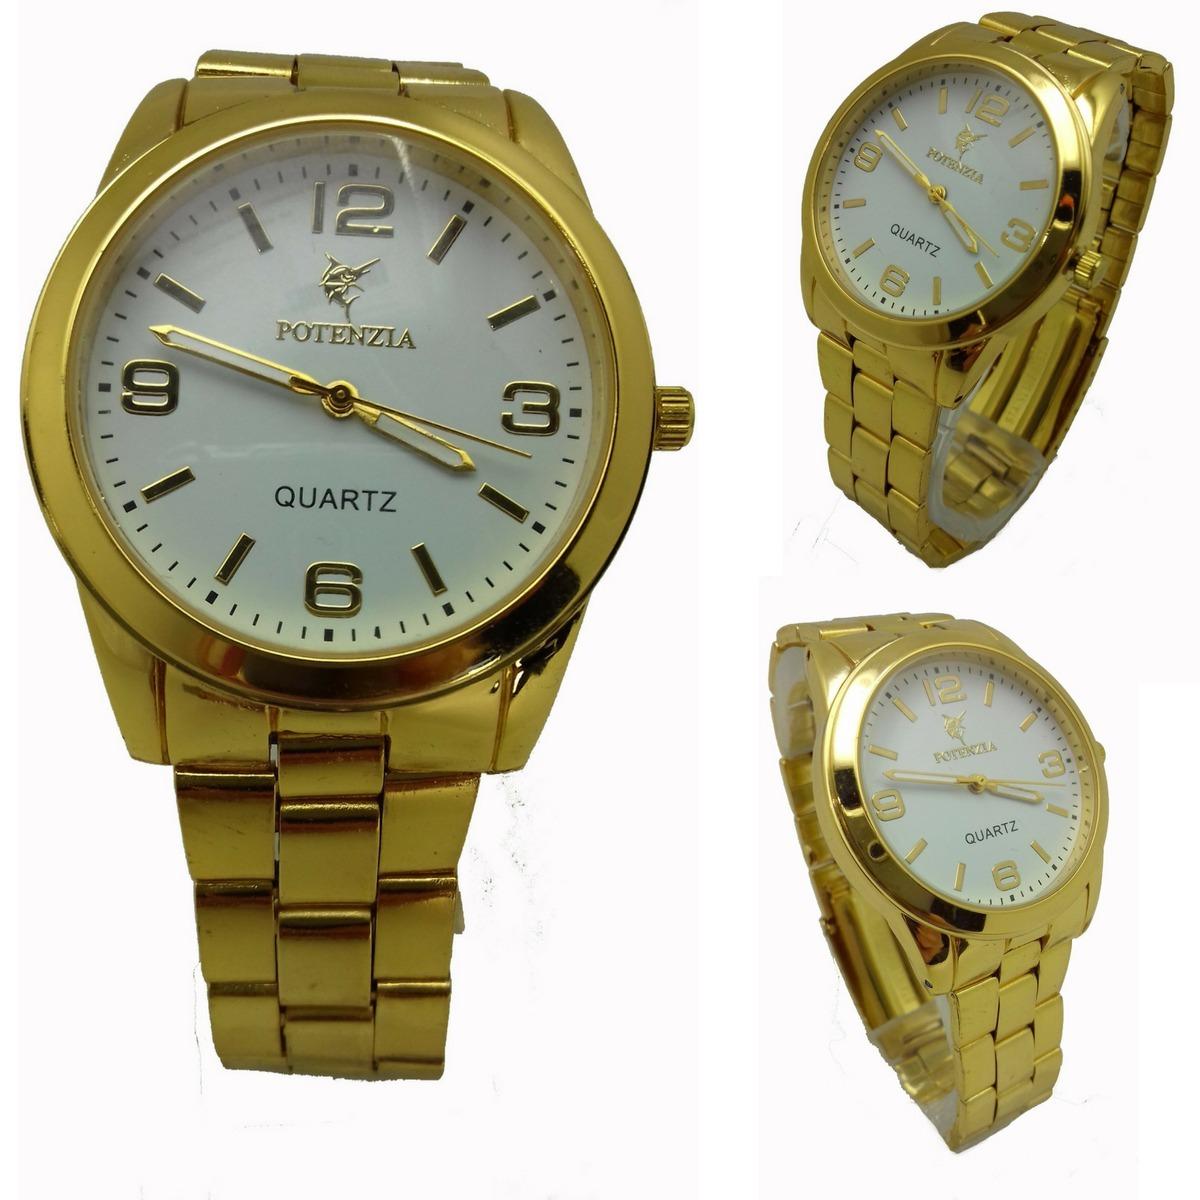 e364f1cdc5c relógio feminino dourado a prova d água barato. Carregando zoom.